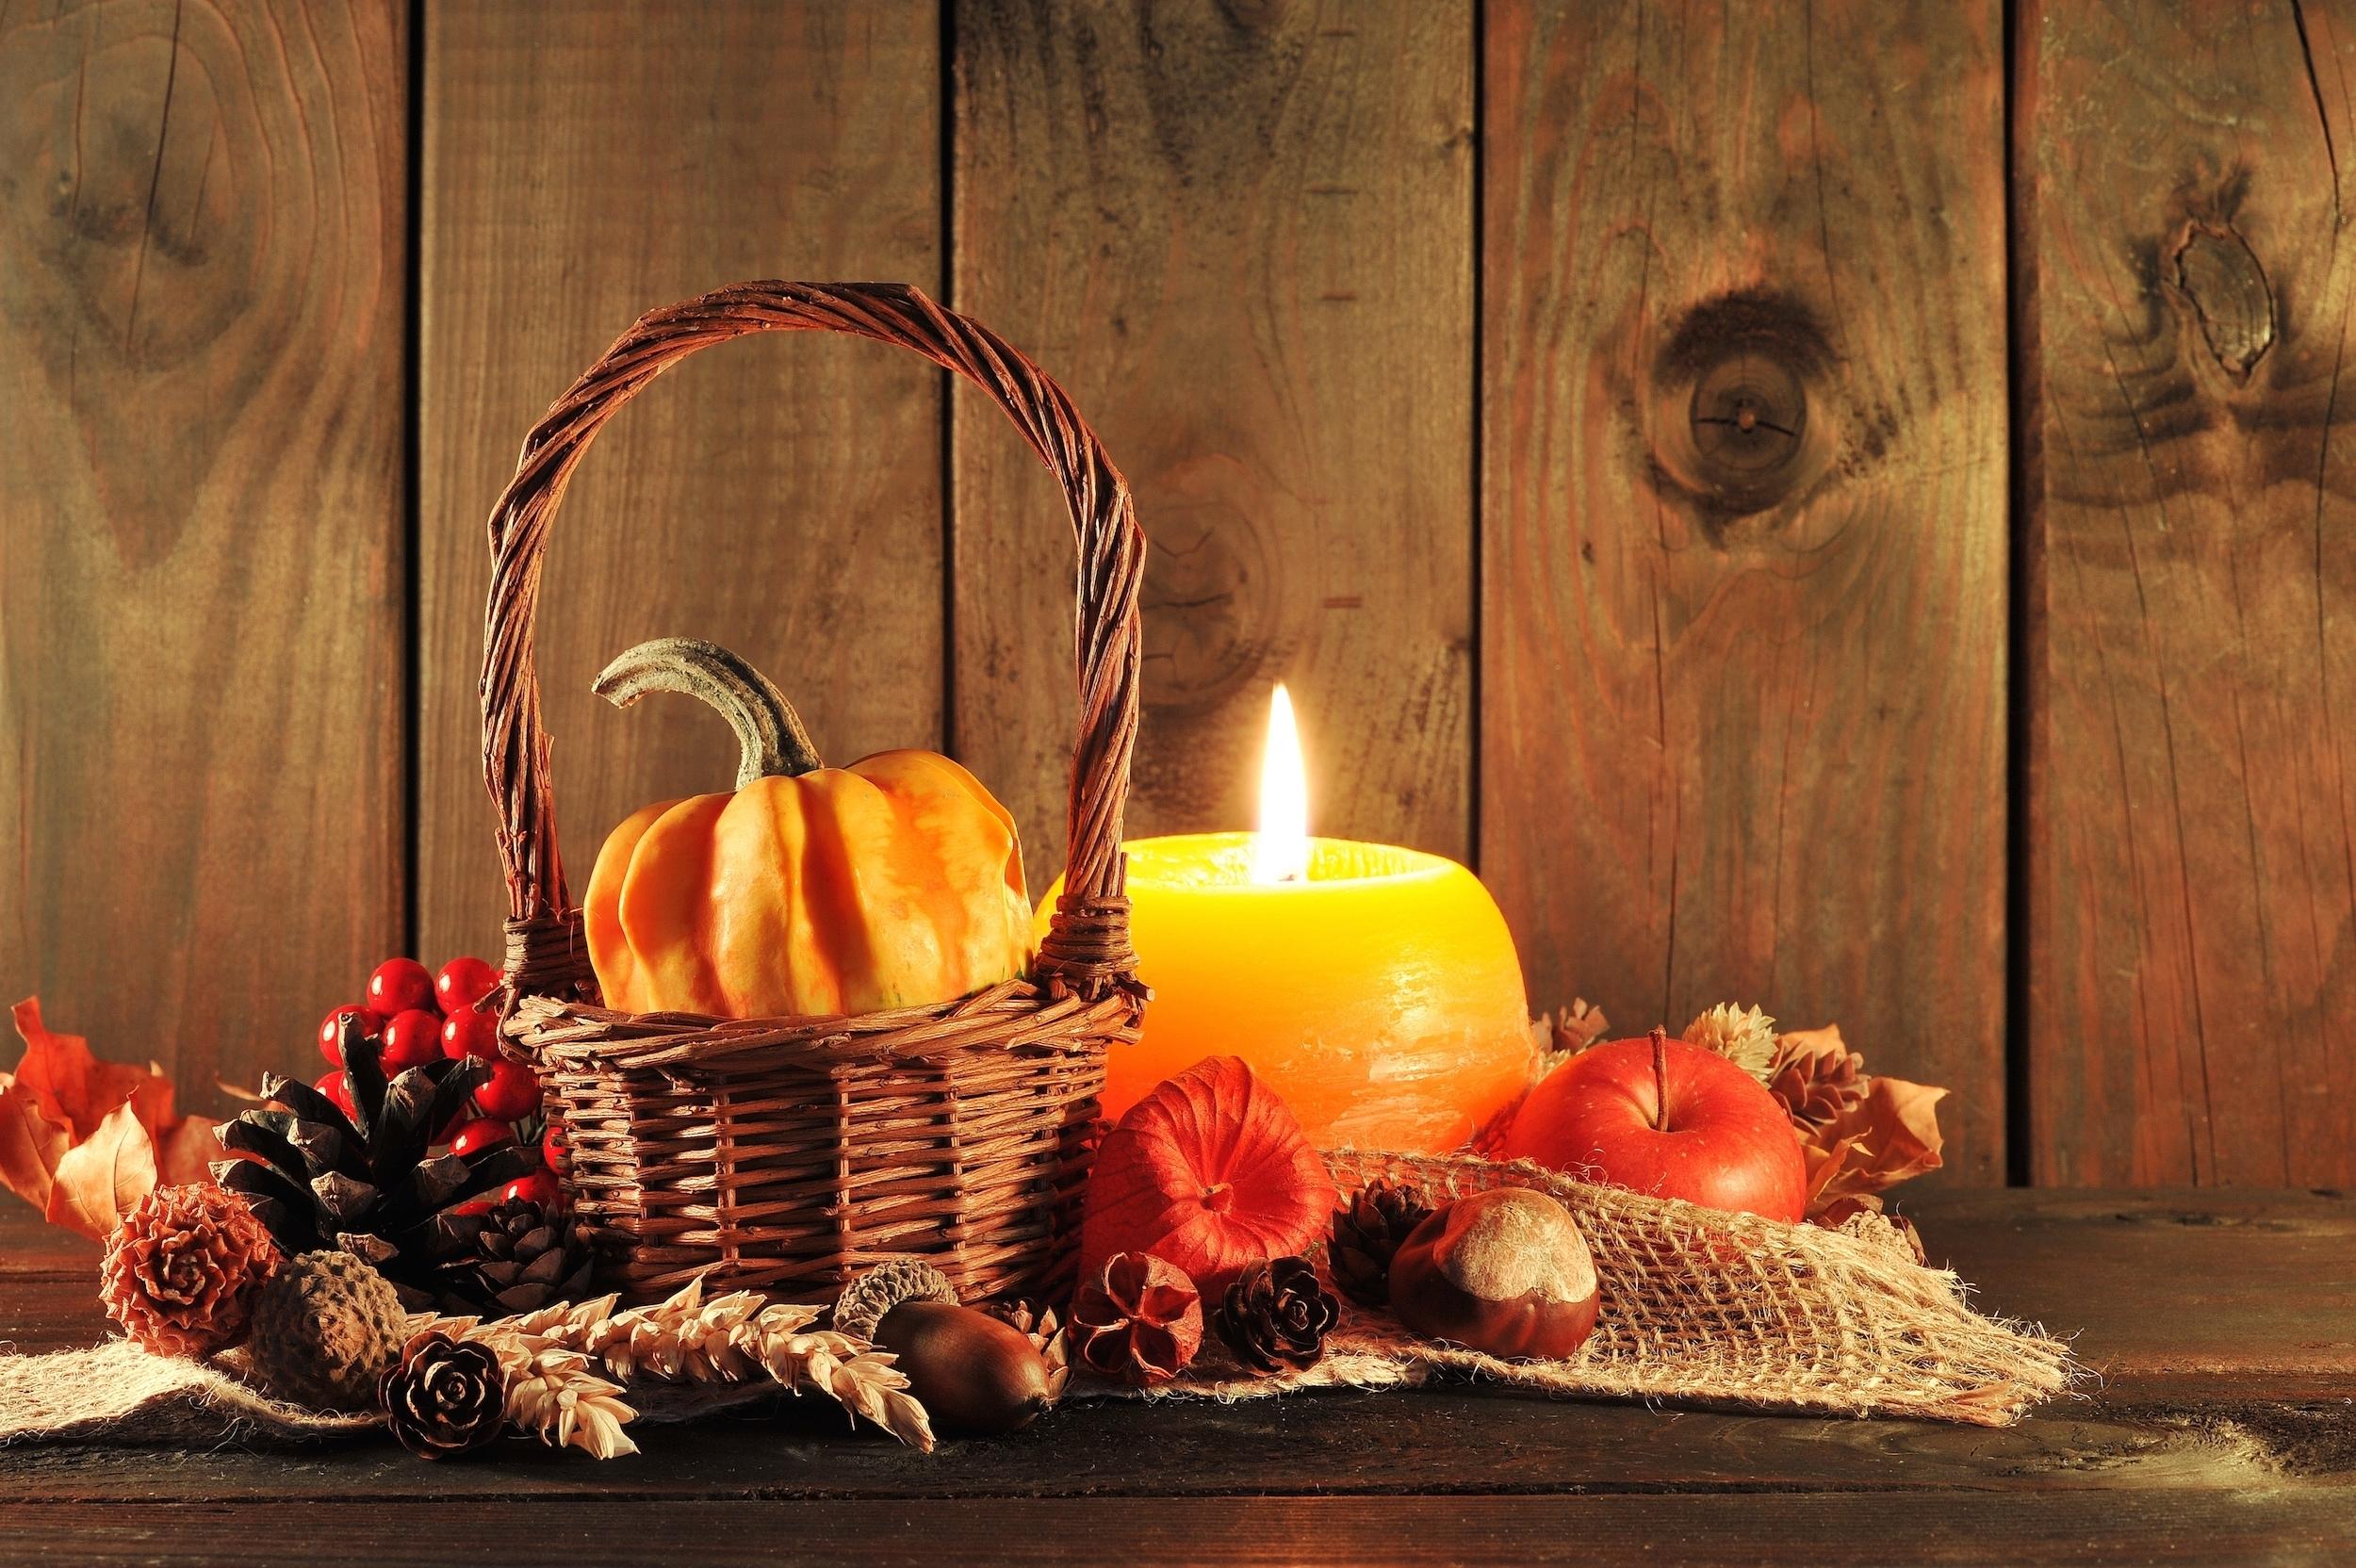 637d1a5e0b45a606f342_24d36bf8862d629b5cde_Thanksgiving.jpg